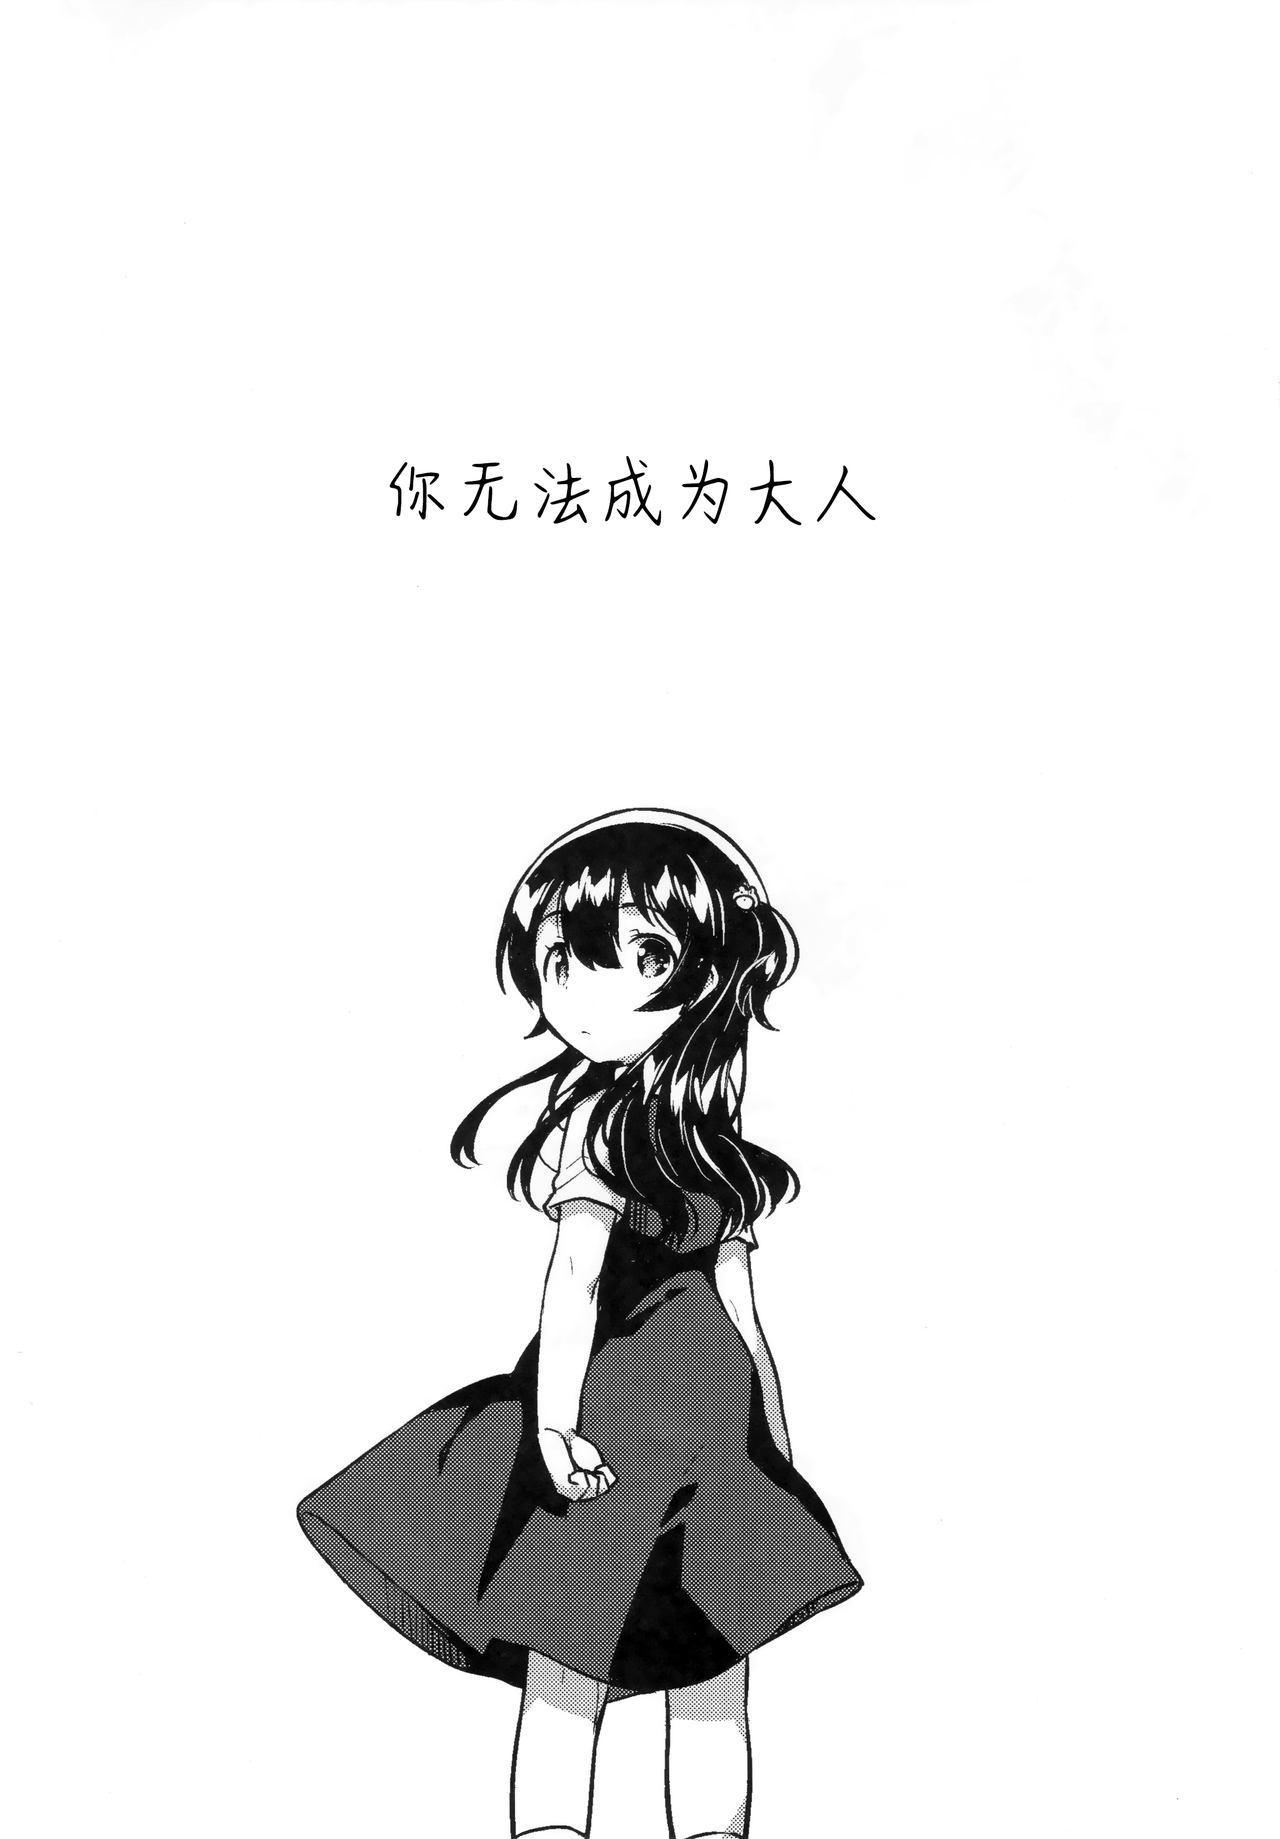 Kimi wa Otona ni Naranai | 你无法成为大人 4